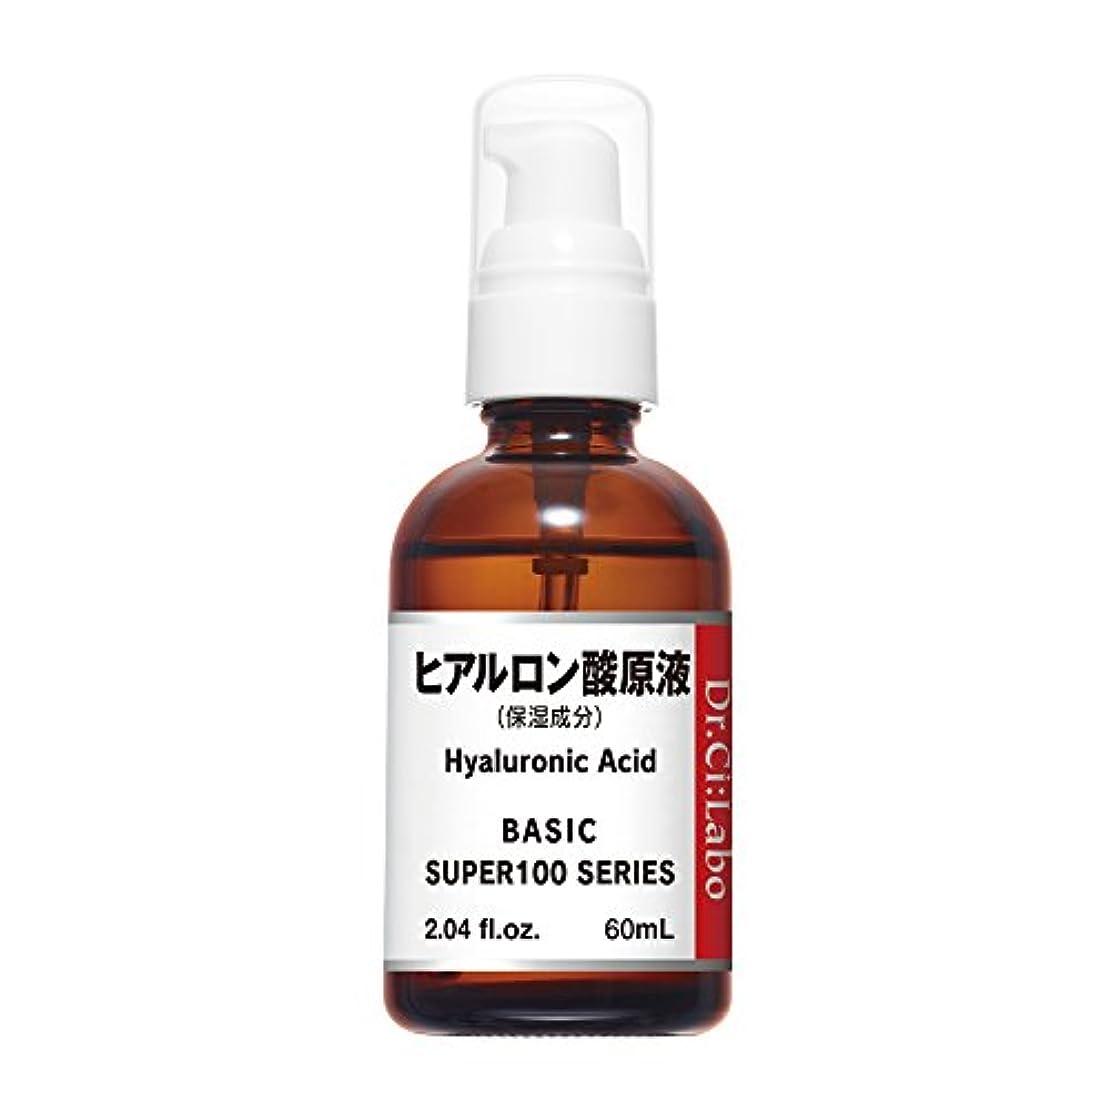 蓋ヒント案件ドクターシーラボ スーパー100シリーズ ヒアルロン酸原液 60mL(BIG) 原液化粧品